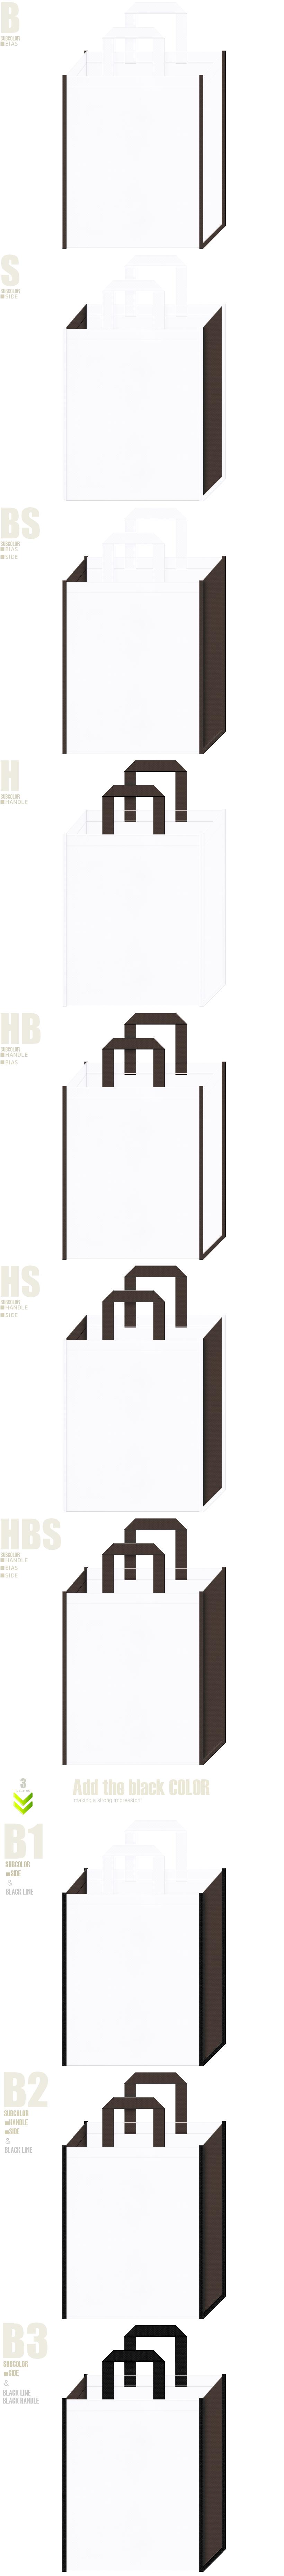 白色とこげ茶色の不織布バッグデザイン。オフィスビル・店舗インテリア・什器・書道用品の展示会用バッグにお奨めです。